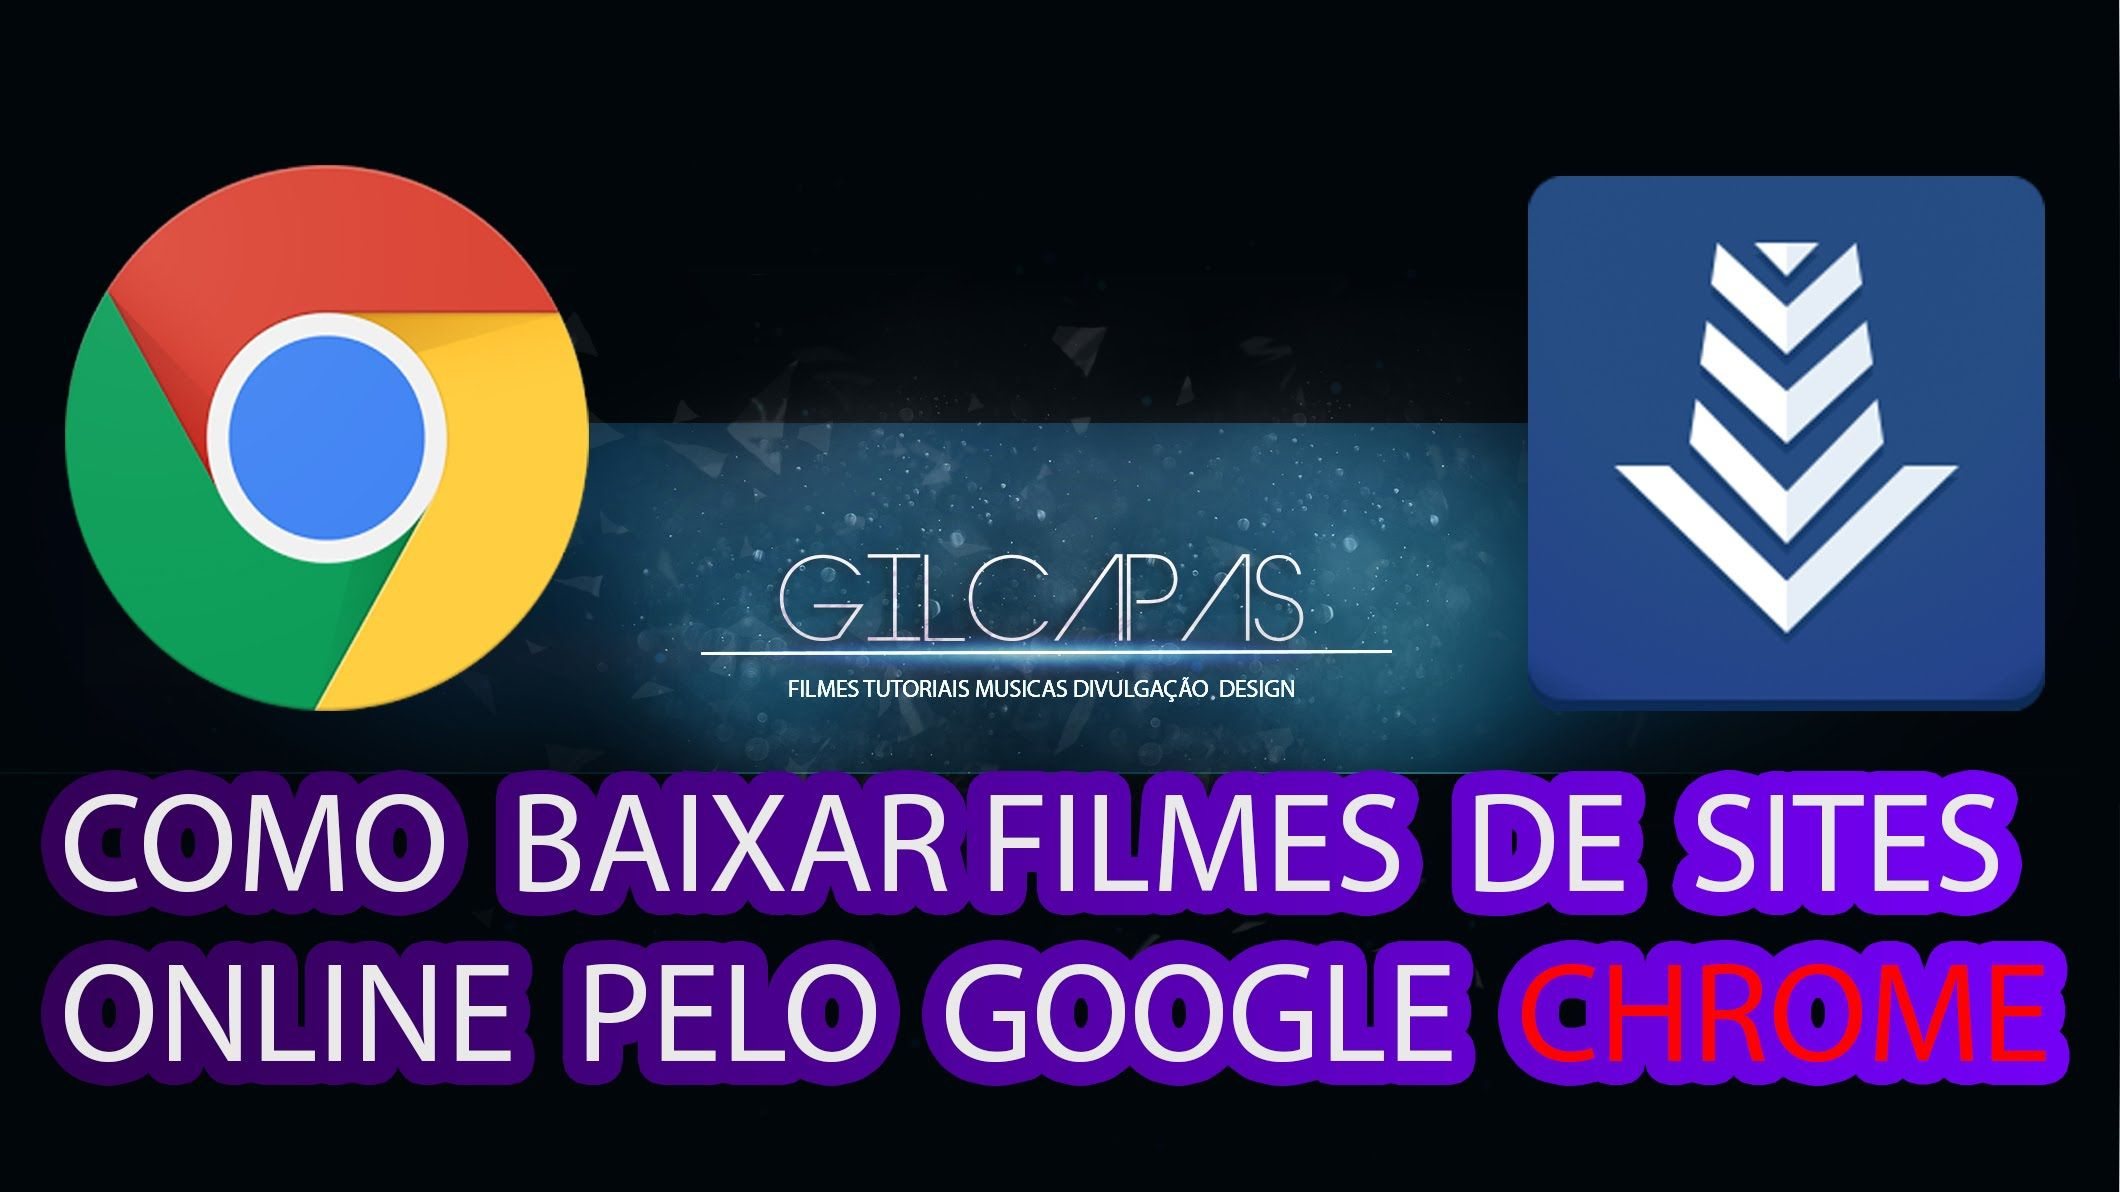 Como Baixar Filmes De Sites Online Pelo Google Chrome Get Them All Filmes Baixar Baixar Filmes Sites Online